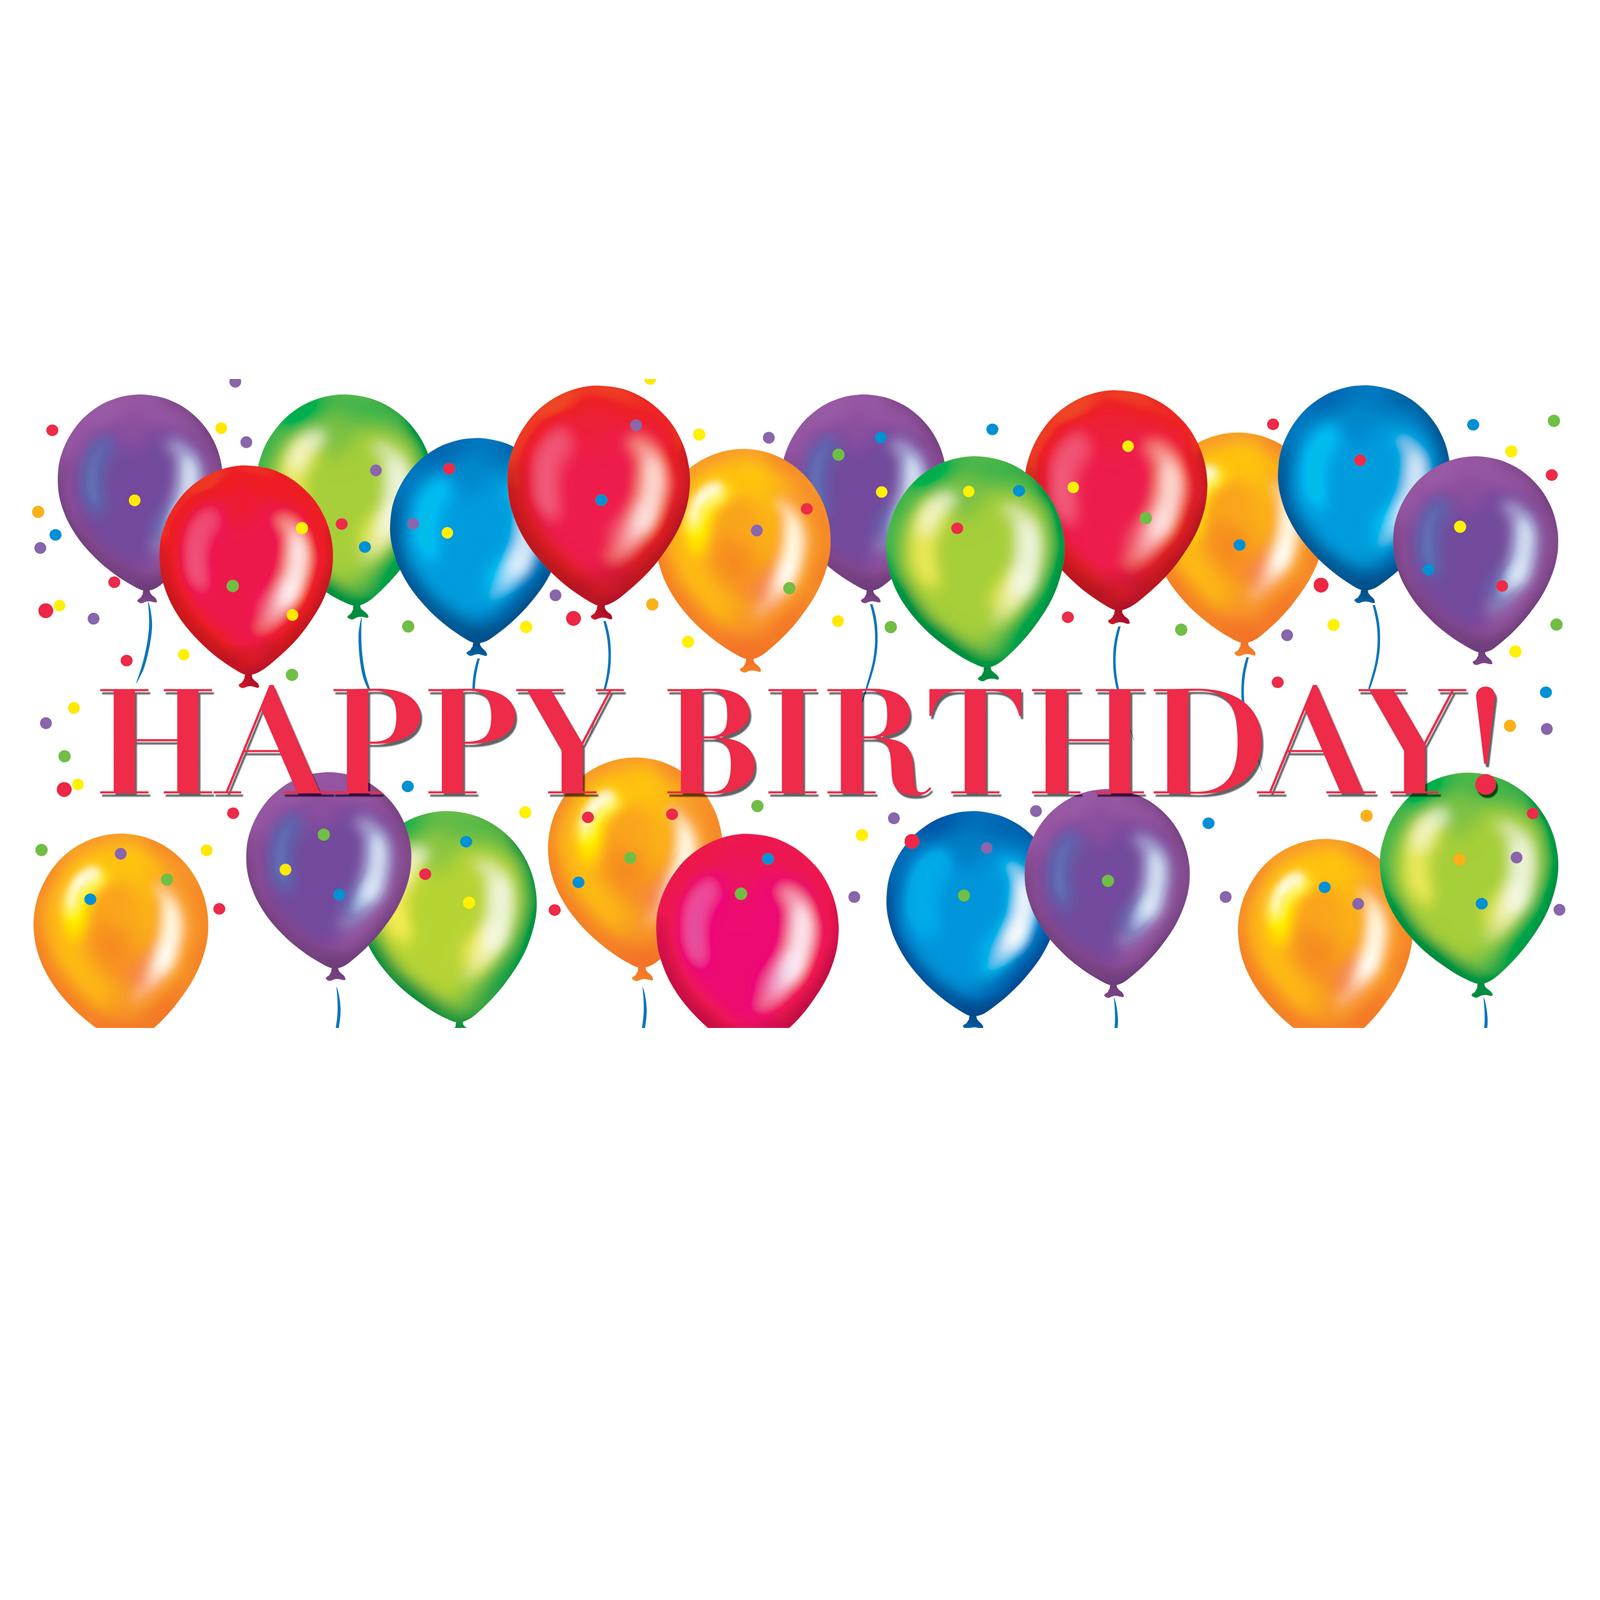 Animated Happy Birthday Clipa - Happy Birthday Clip Art